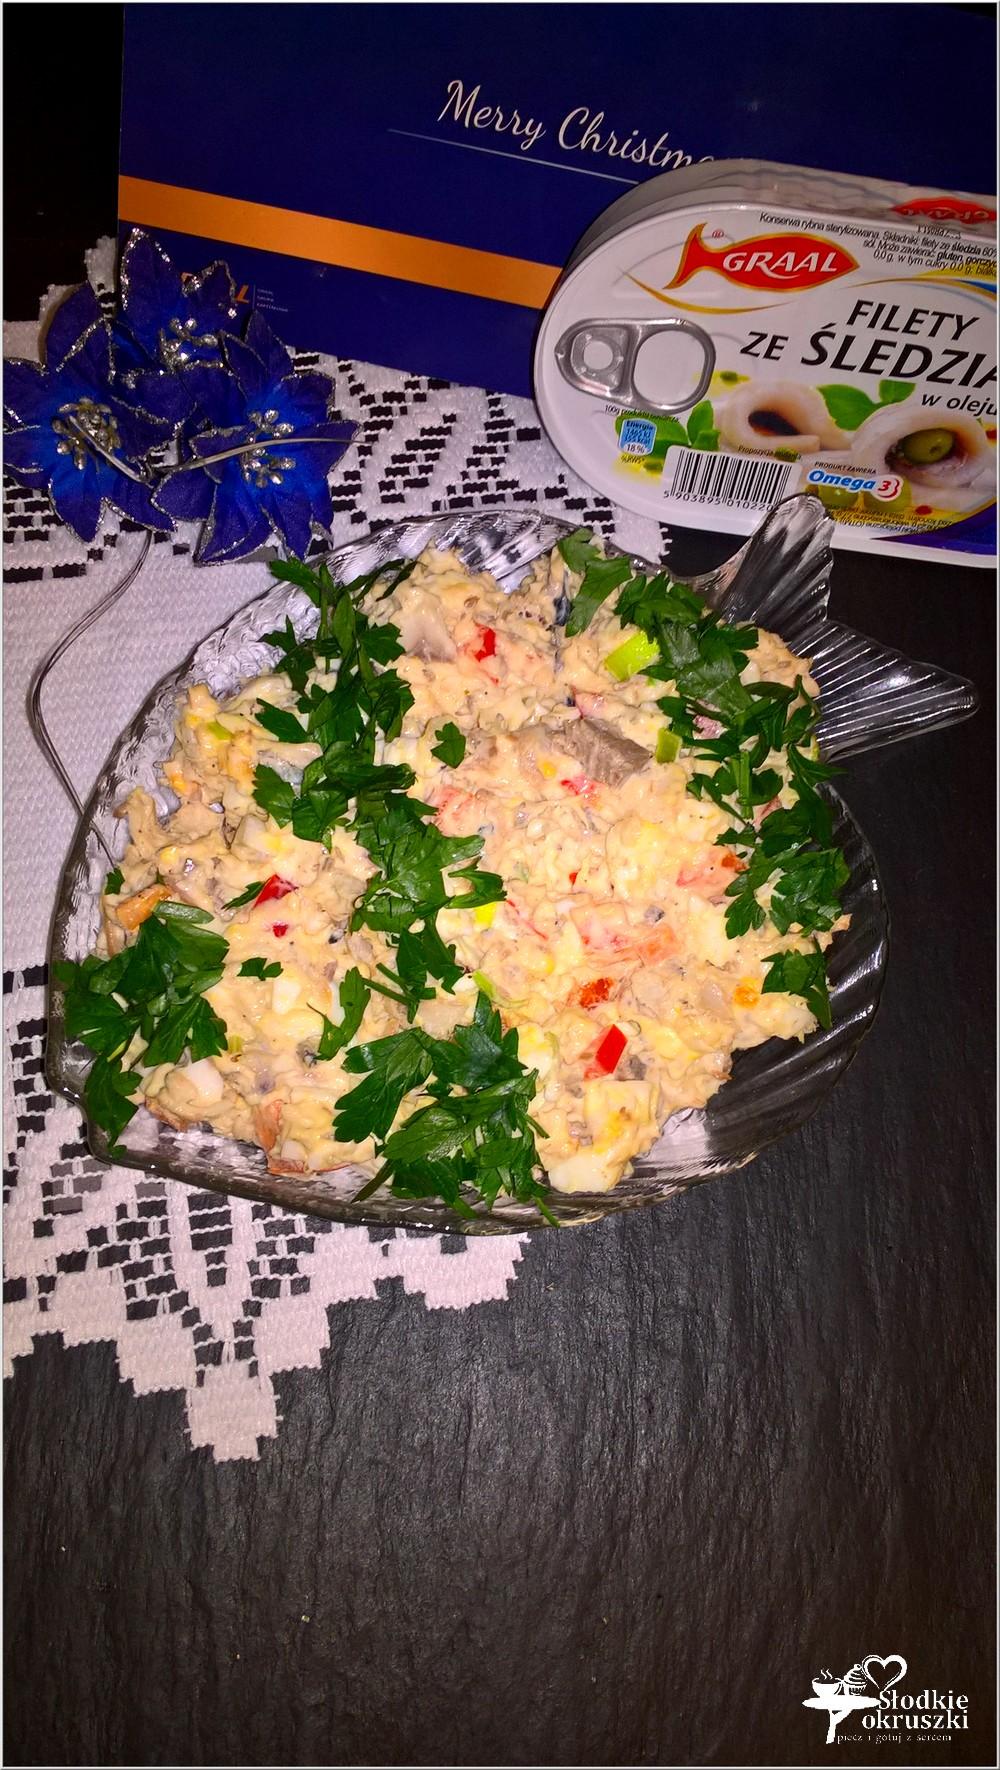 swiateczna-salatka-z-filetami-ze-sledzia-jajkiem-i-papryka-4